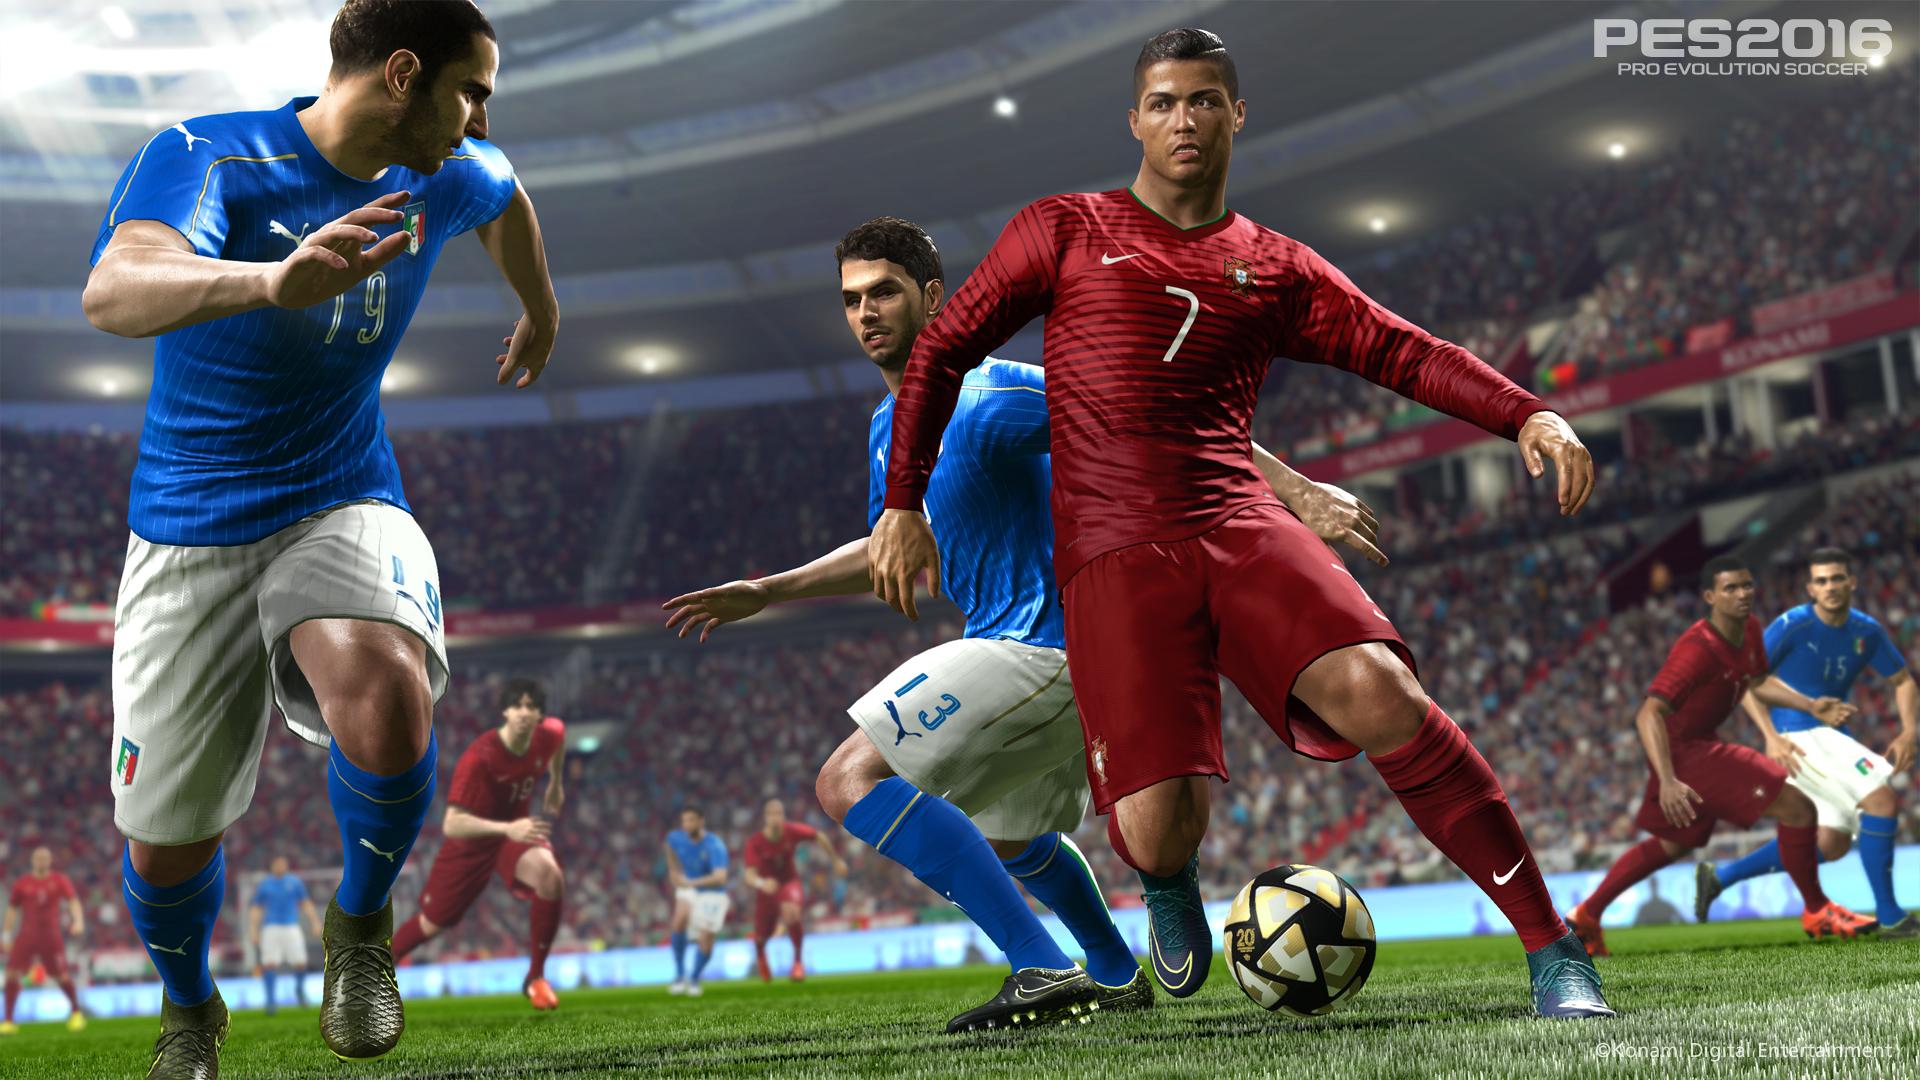 UEFA EURO Pro Evolution Soccer 2016 DLC (7)